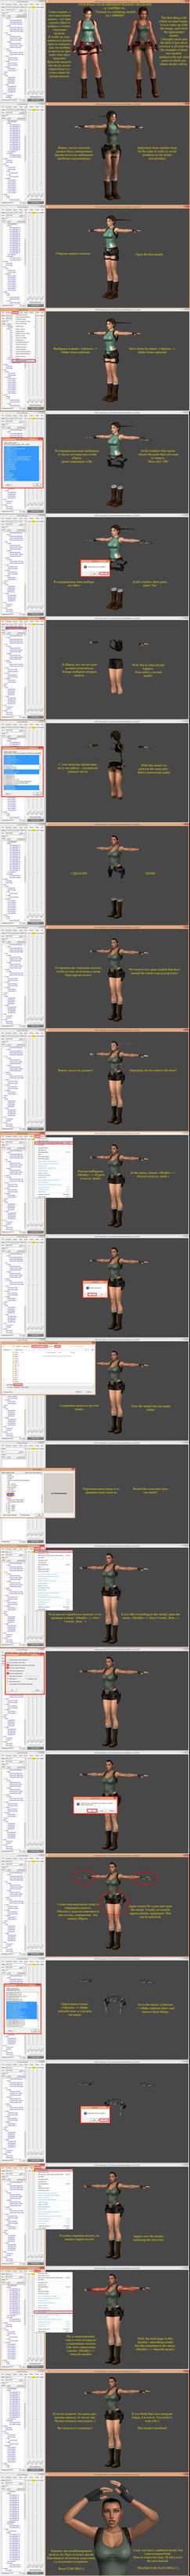 Tutorial on combining models by Larreks by Larreks